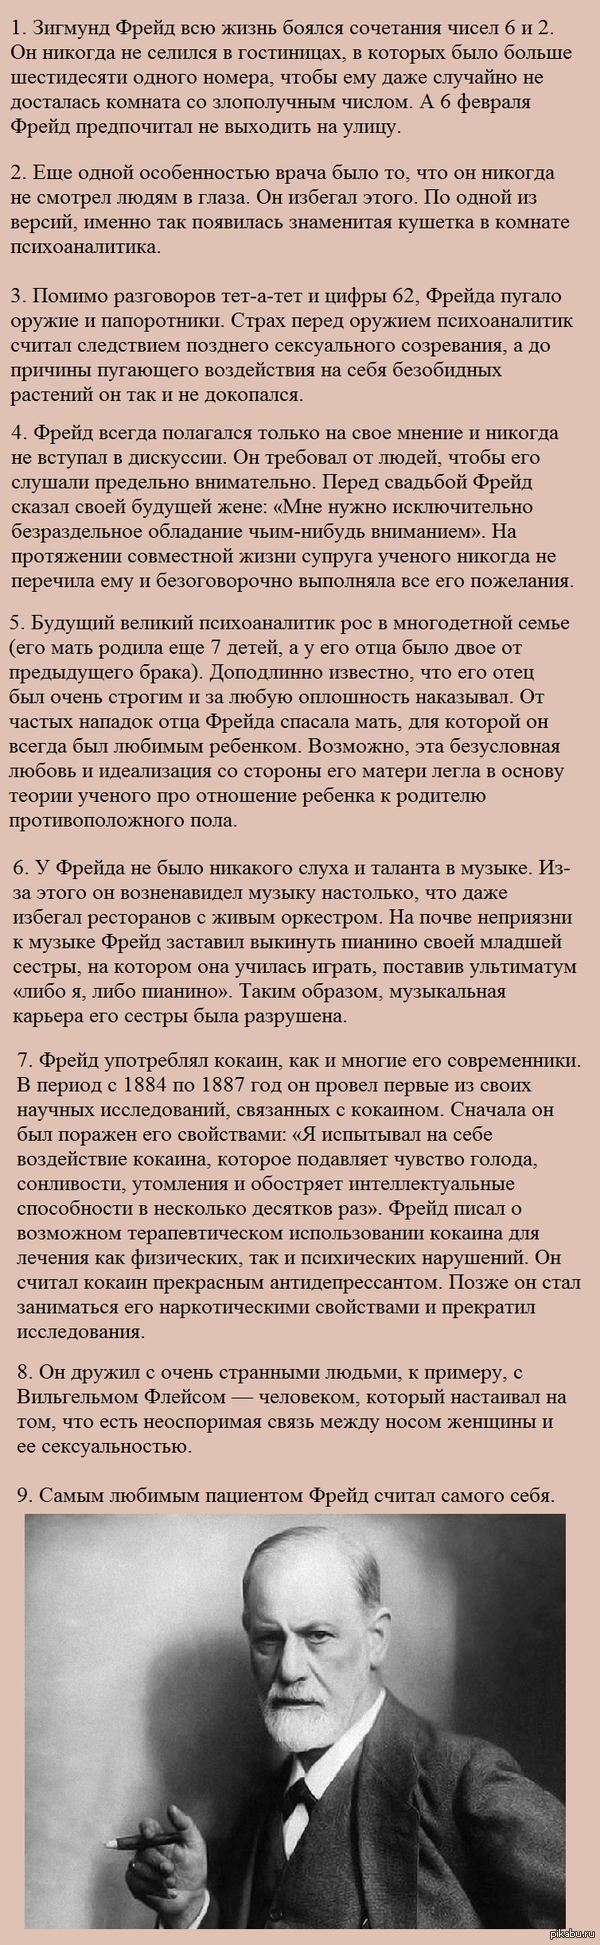 Психотипы: параноид